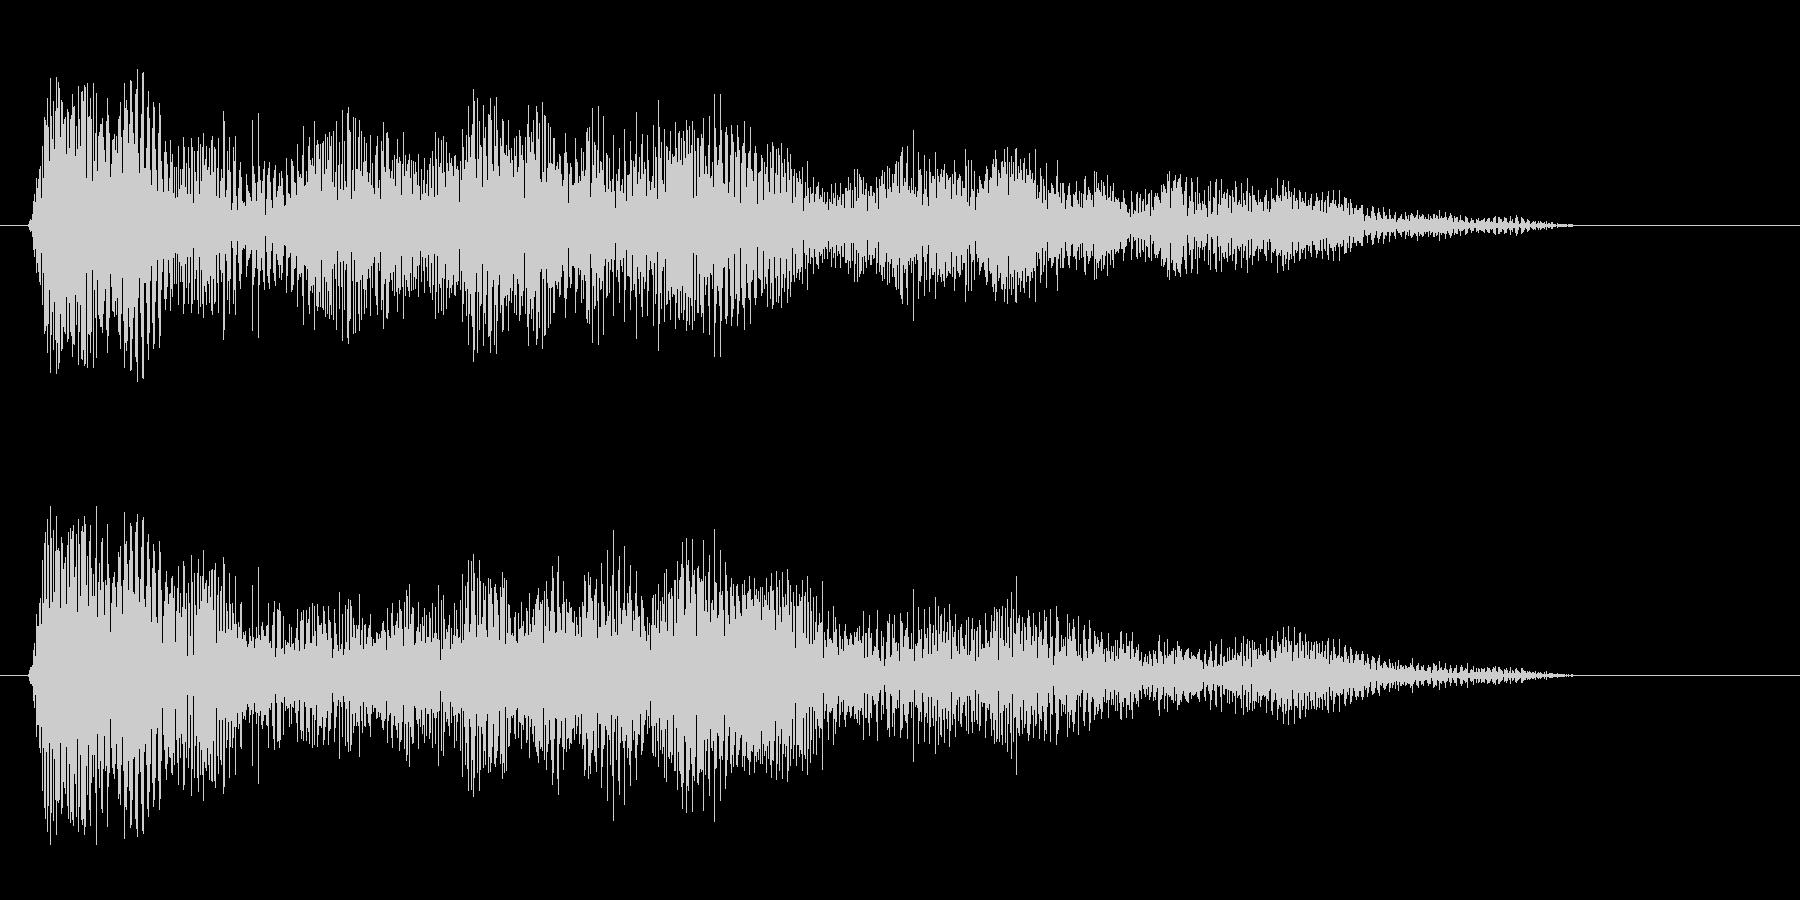 パァー(クラクション系音)の未再生の波形